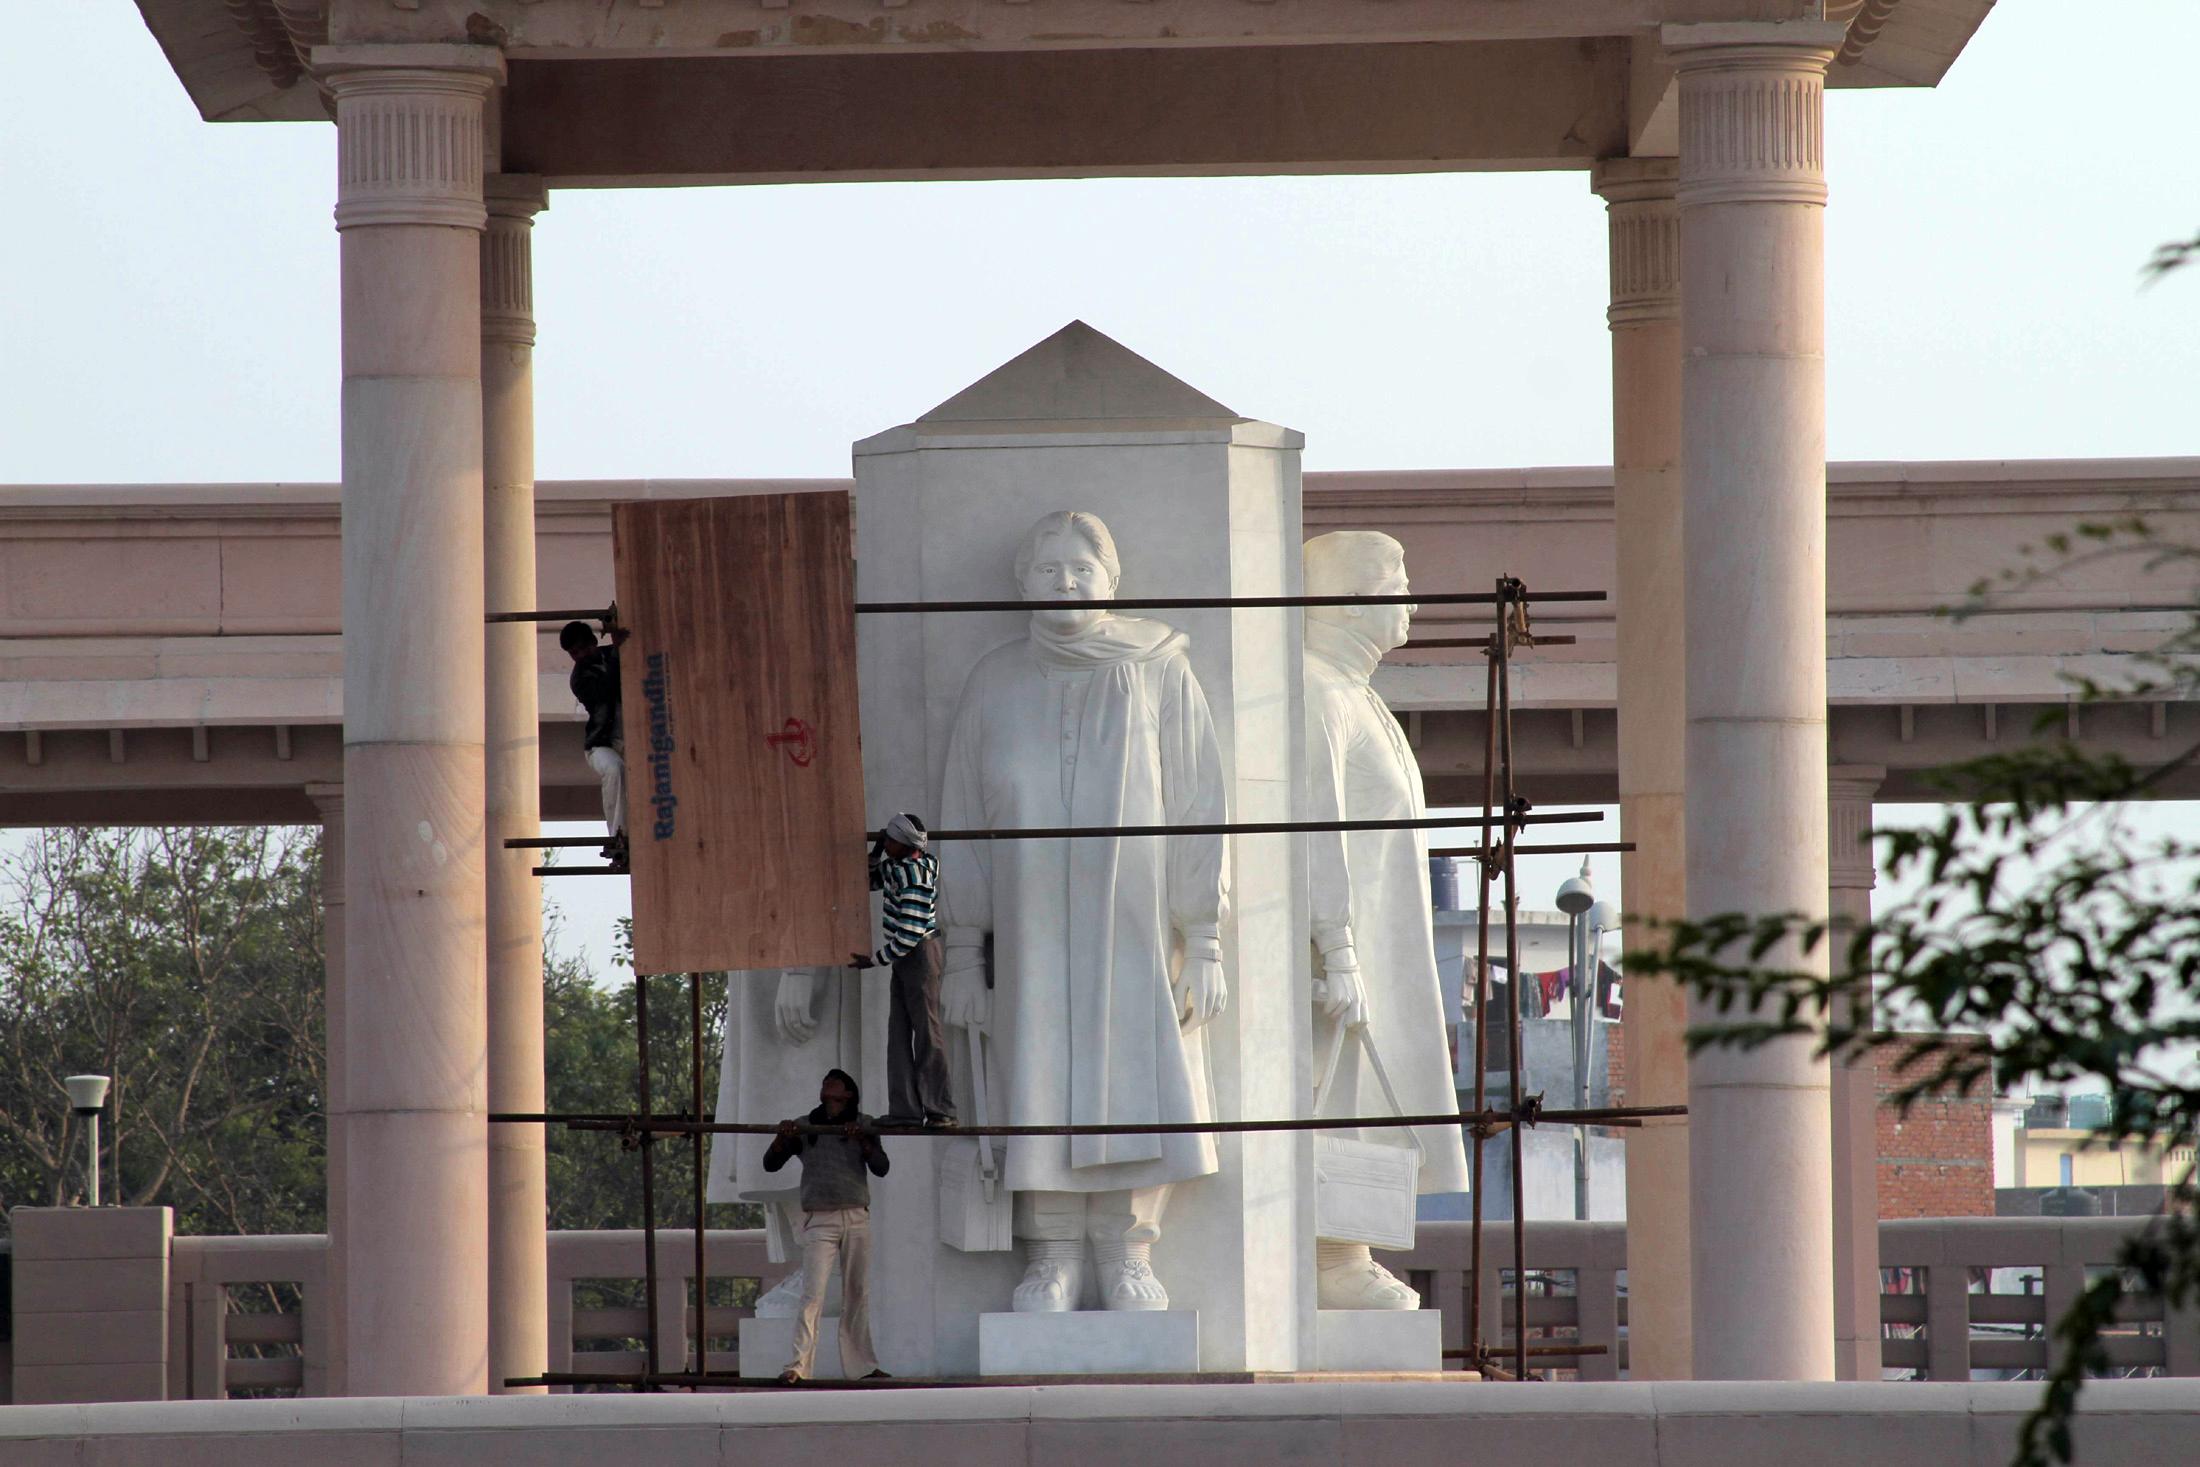 Руководство индийского штата Уттар-Прадеш спешит скрыть от глаз памятники премьер-министру этого штата Майавати Кумари. Фото: MANAN VATSYAYANA/Getty Images